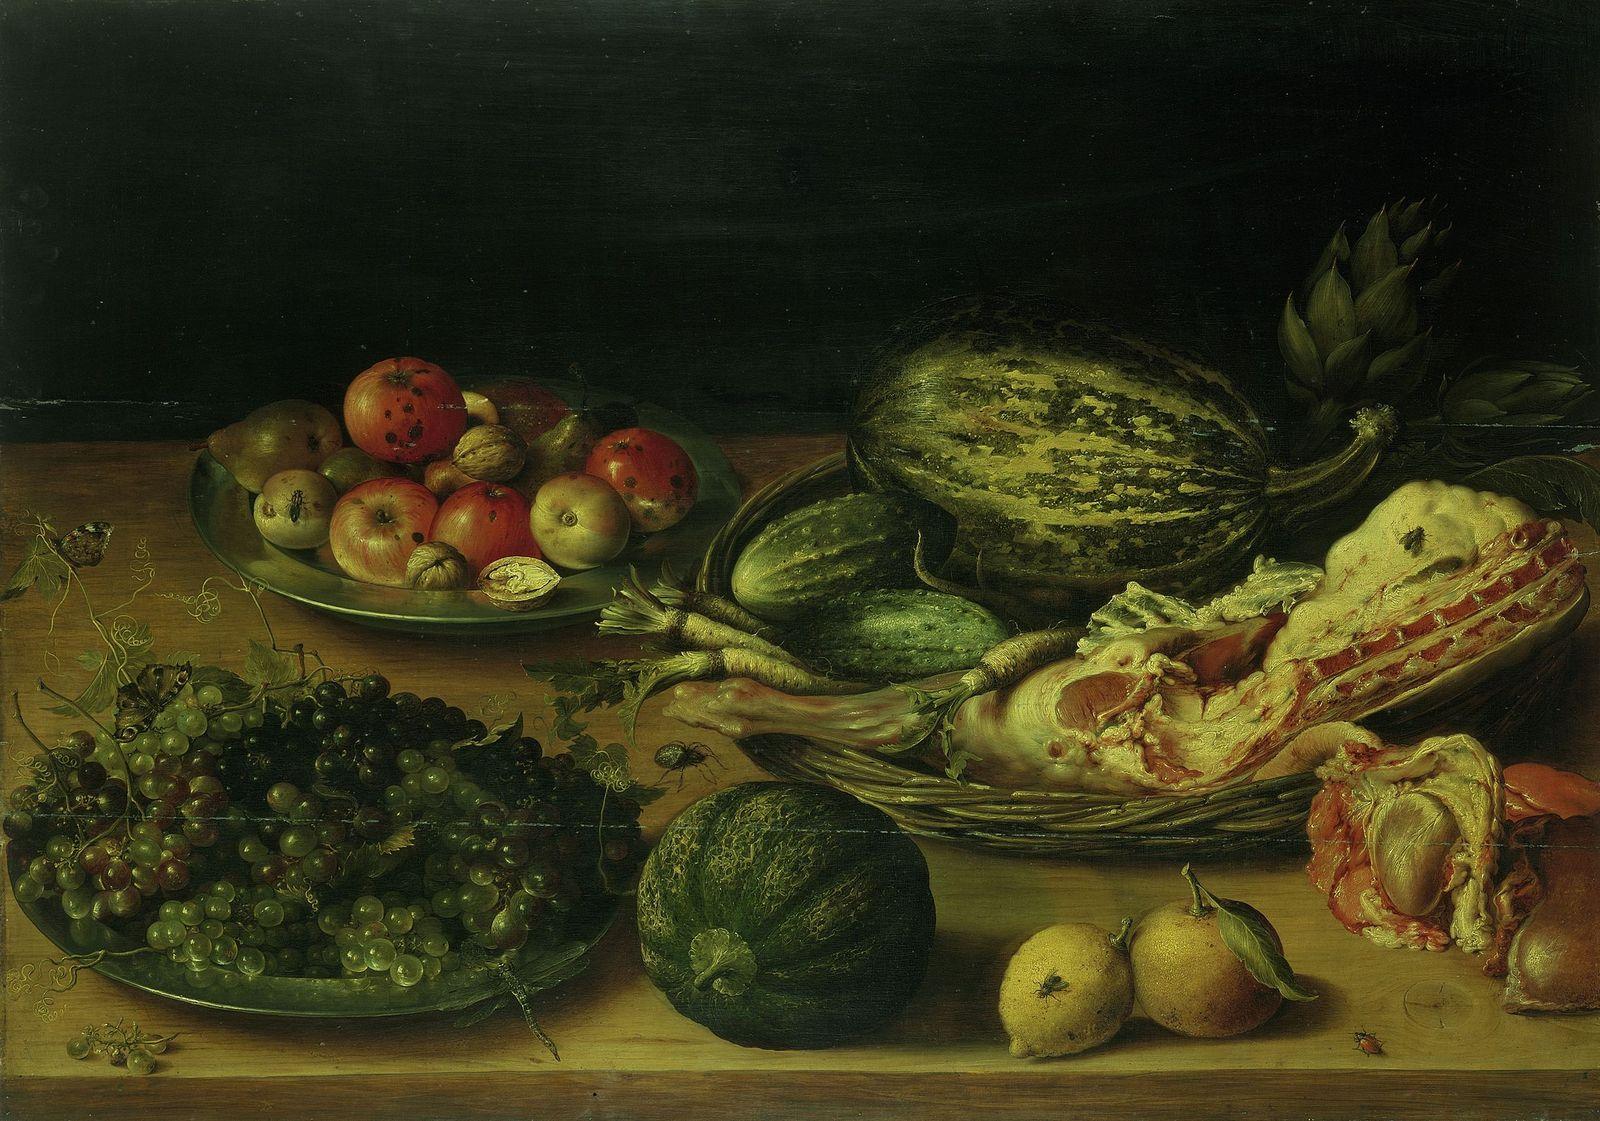 """Unbekannter Künstler: """"Stillleben mit Obst, Gemüse und Kalbskeule"""" (17. Jahrhundert, Niederlande);  (c) bpk / Gemäldegalerie, SMB"""